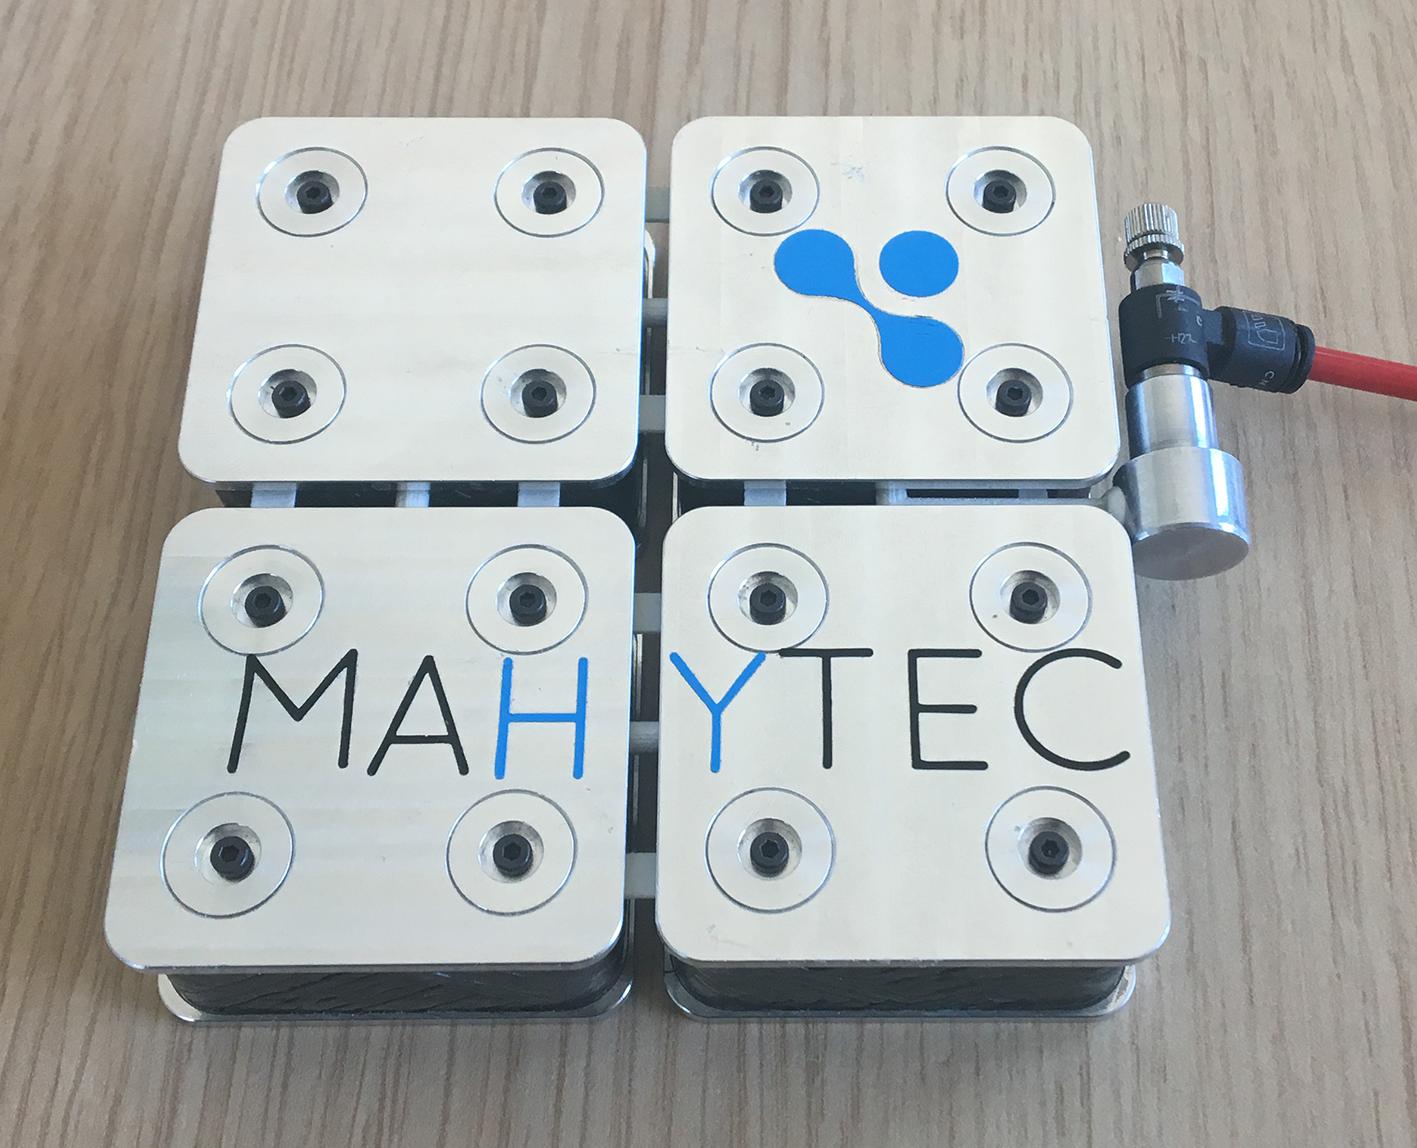 Batterie hydrogene : Réservoir hydrogène souple